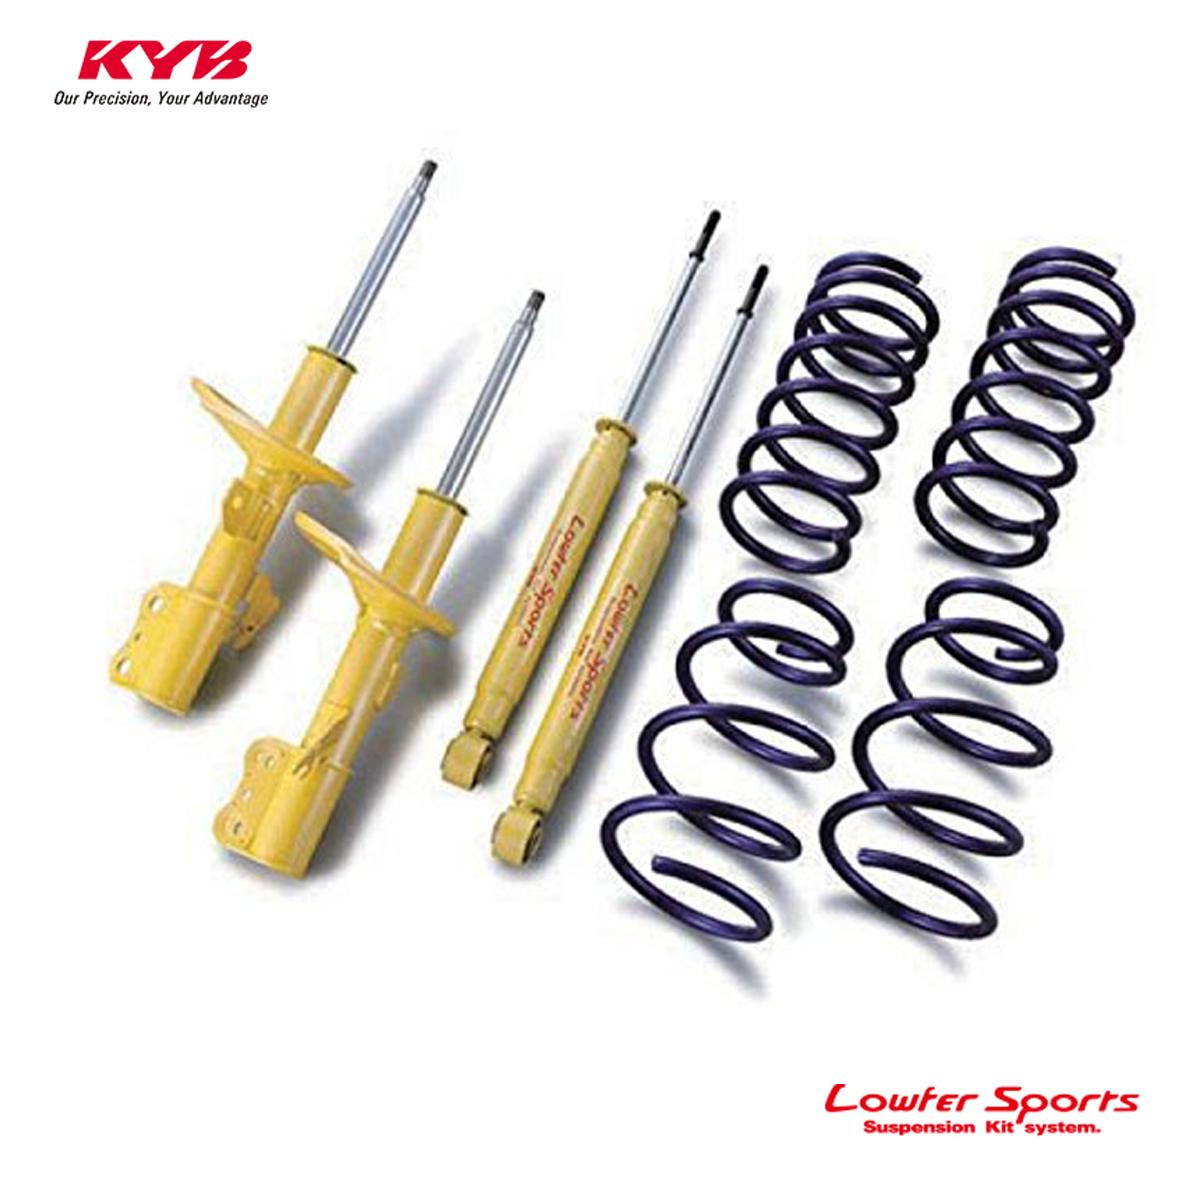 KYB カヤバ MPV LW5W ショックアブソーバー サスペンションキット Lowfer Sports LKIT-LW5W454 配送先条件有り